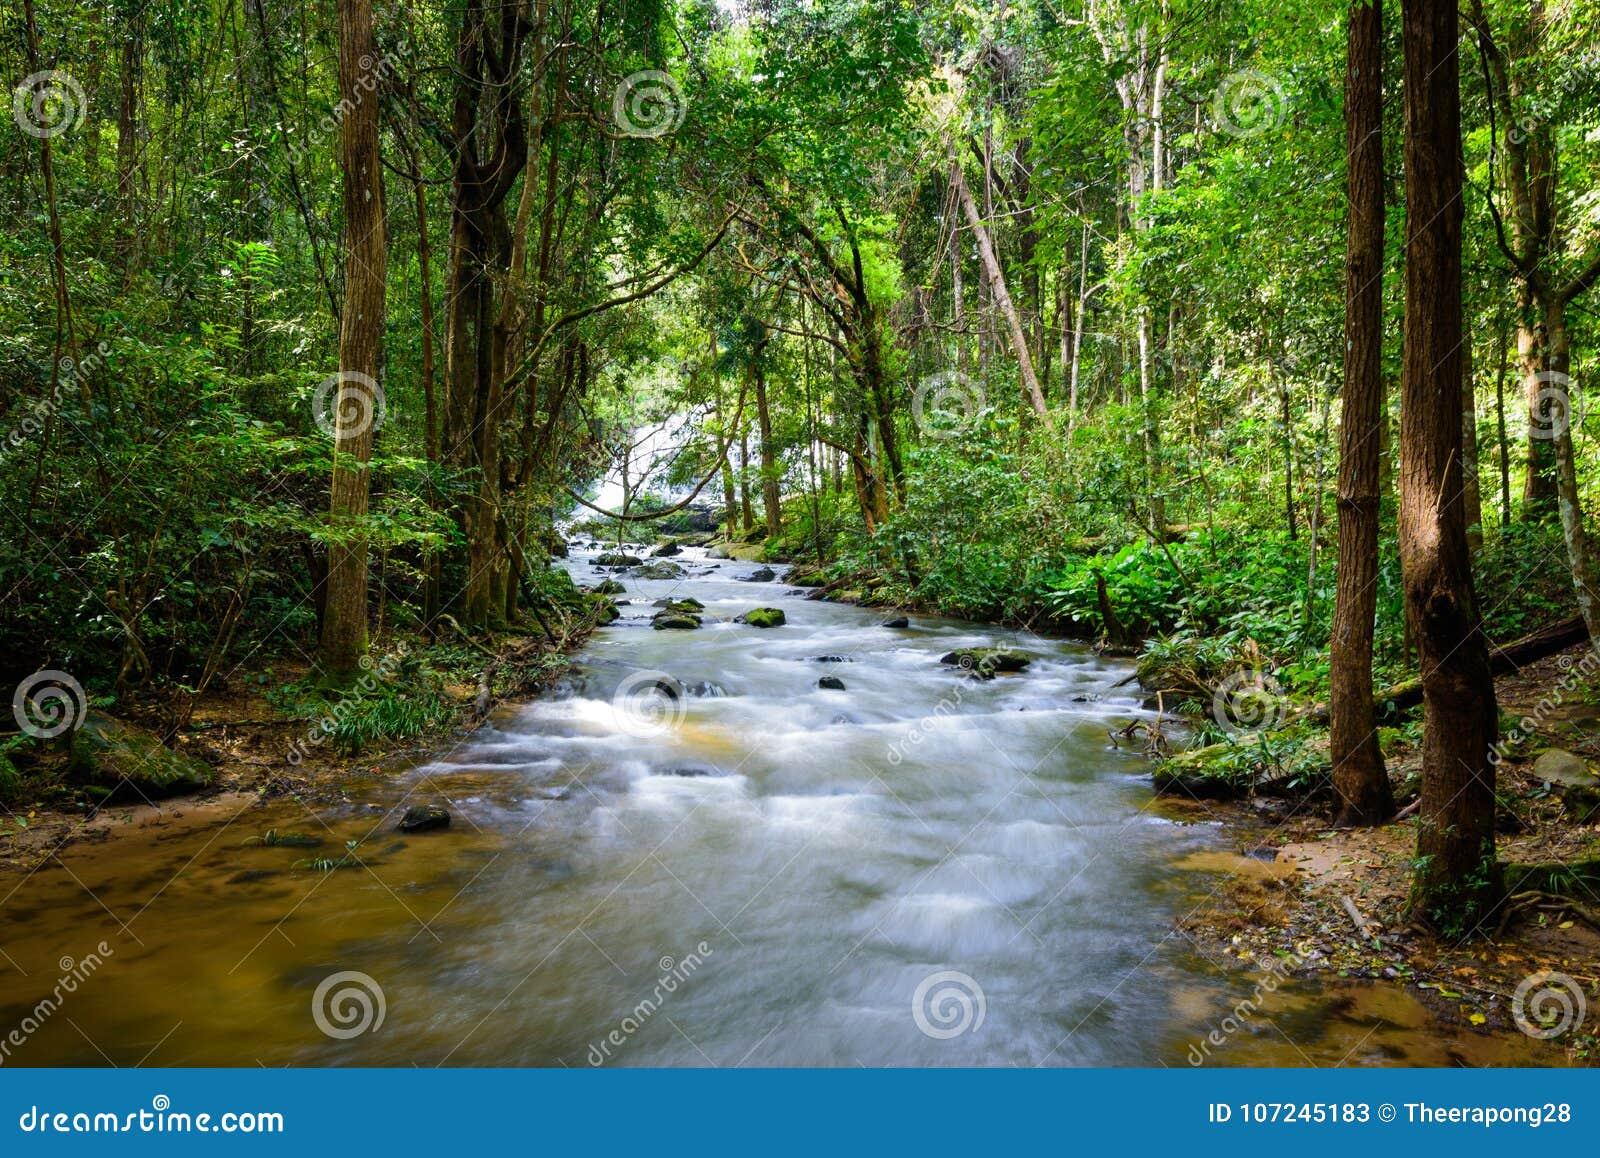 La Cascada Cae Sobre Tronco Cubierto De Musgo En Selva Tropical Con ...